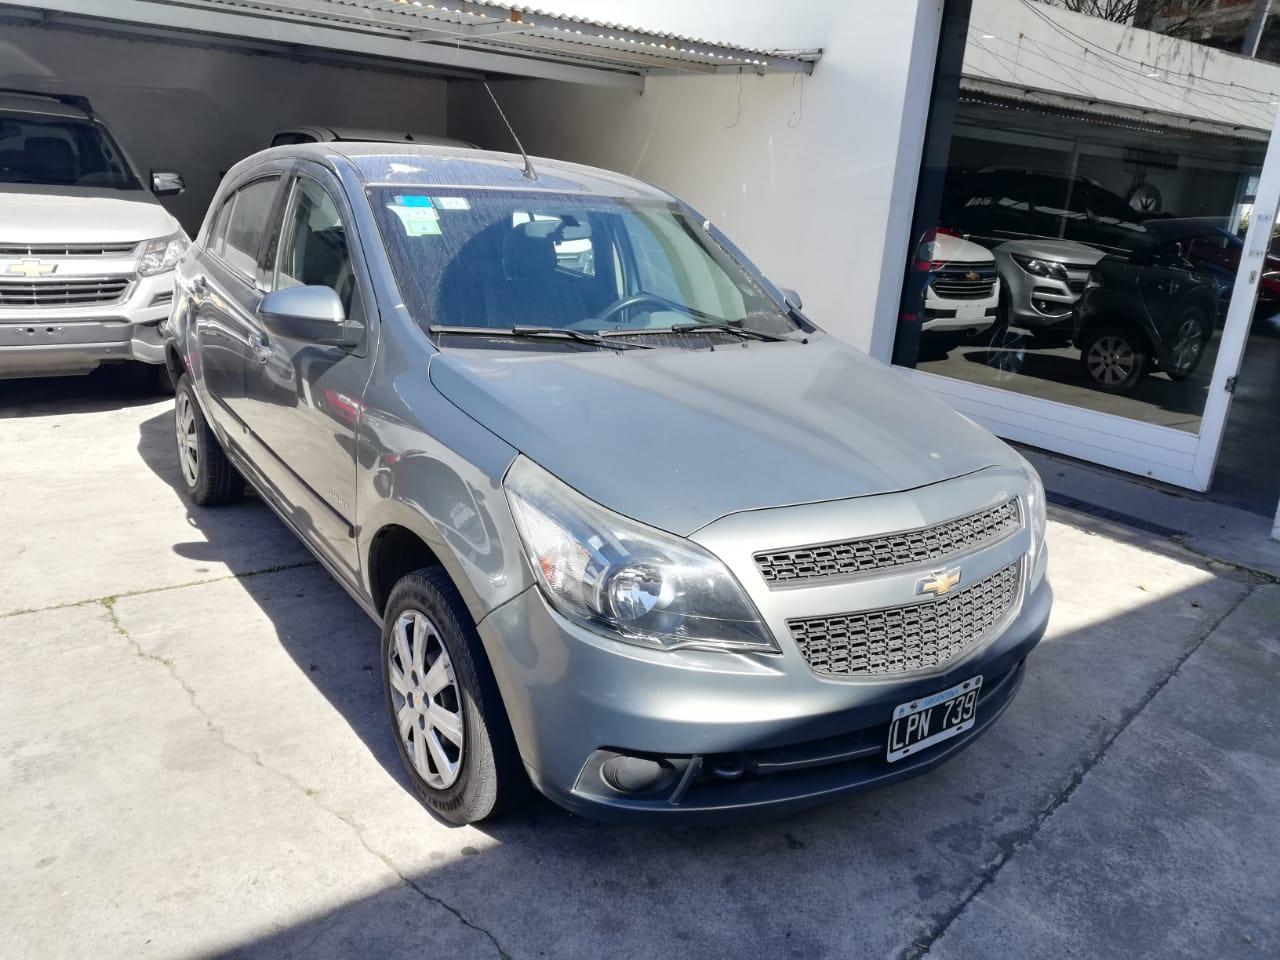 2012 Chevrolet Agile LT Spirit 1.4